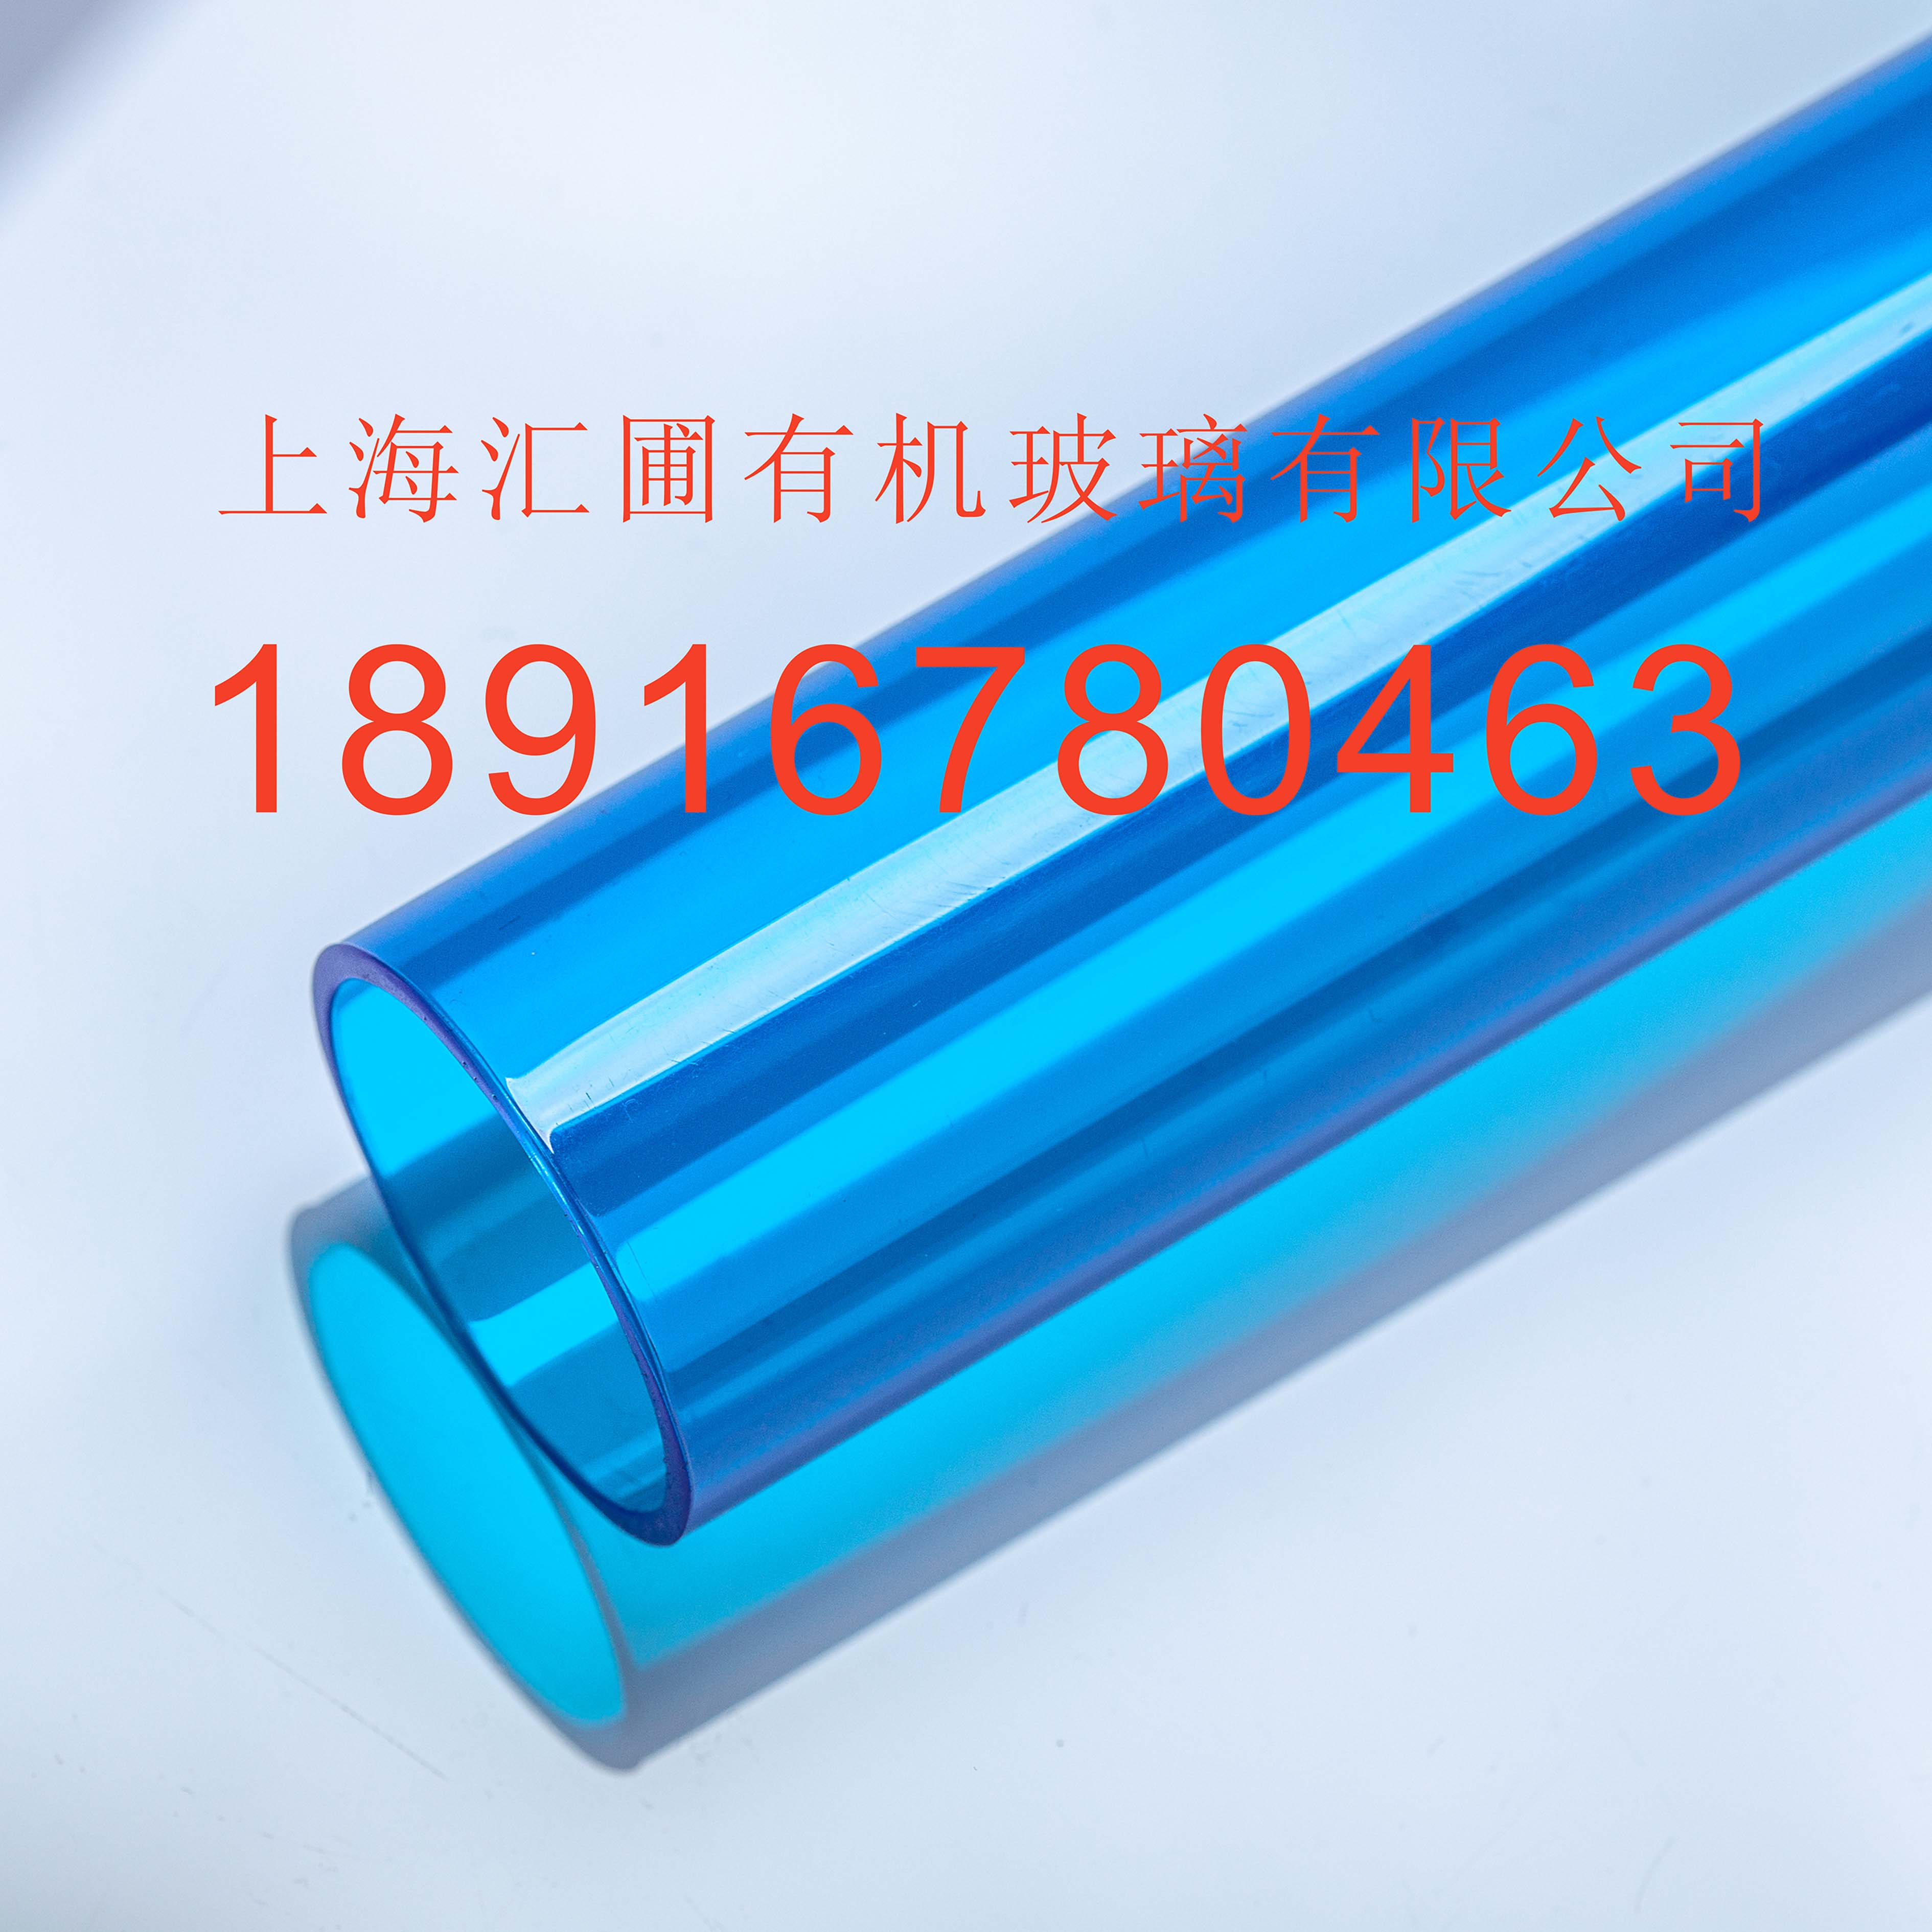 透明亚克力管有机玻璃管玻璃柱PC管厂家加工定做5-1500mm规格齐全